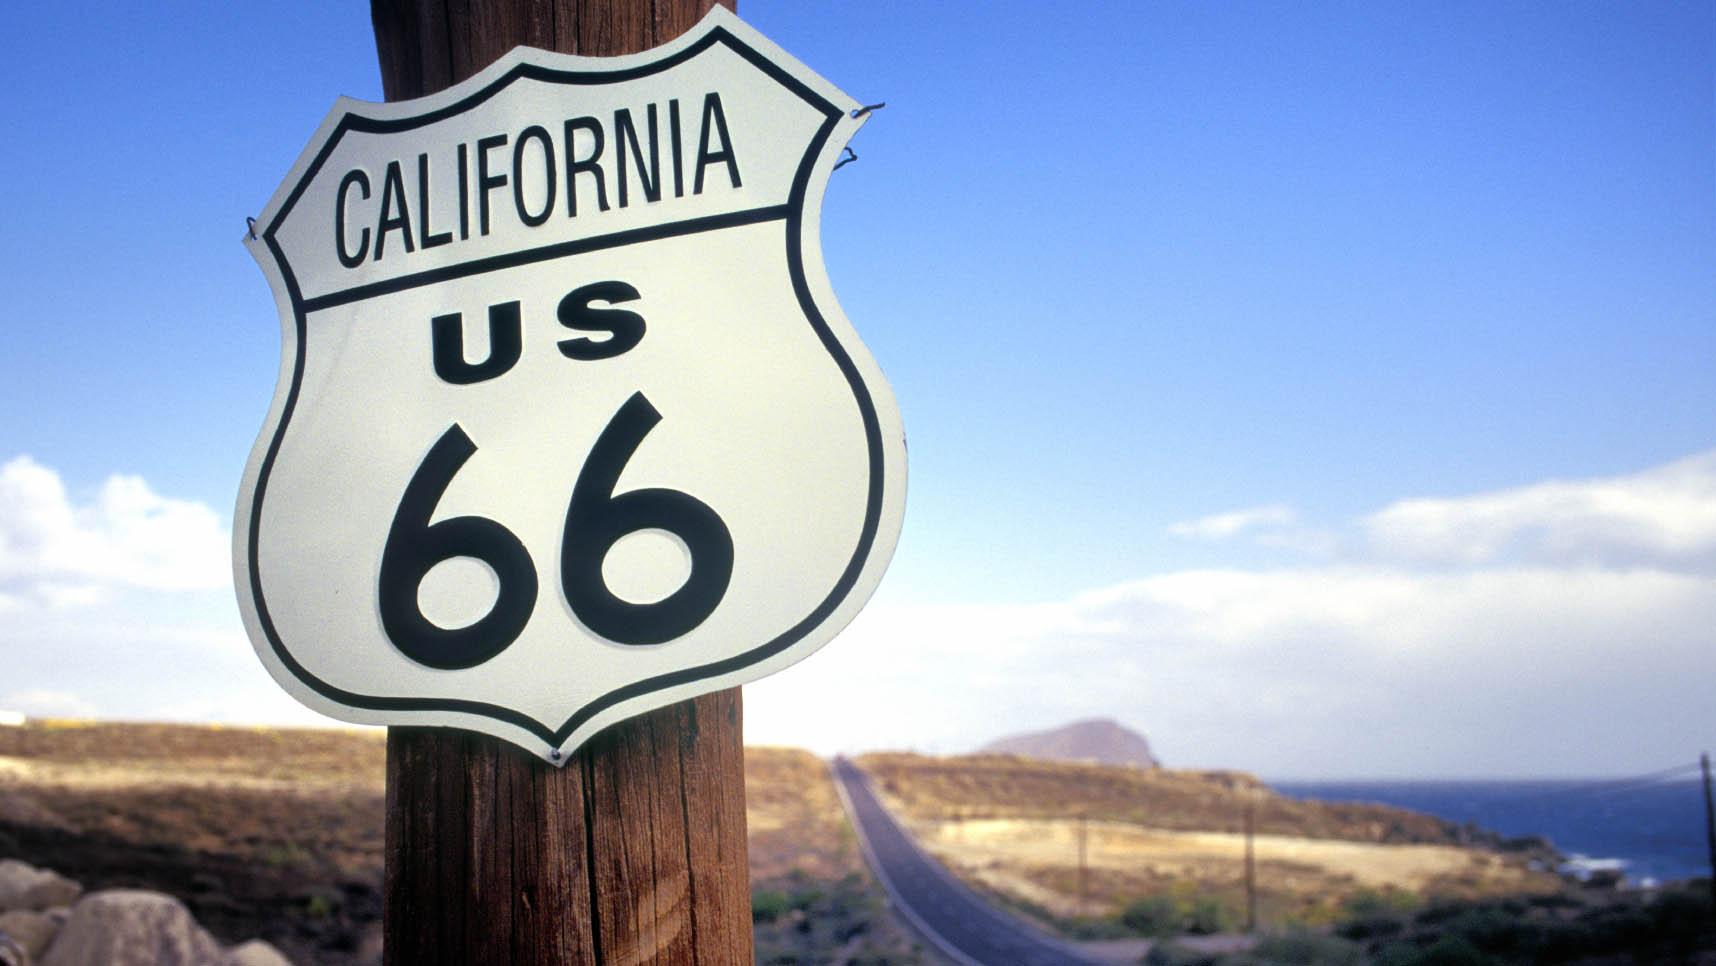 Roadtrip Route 66 KILROY